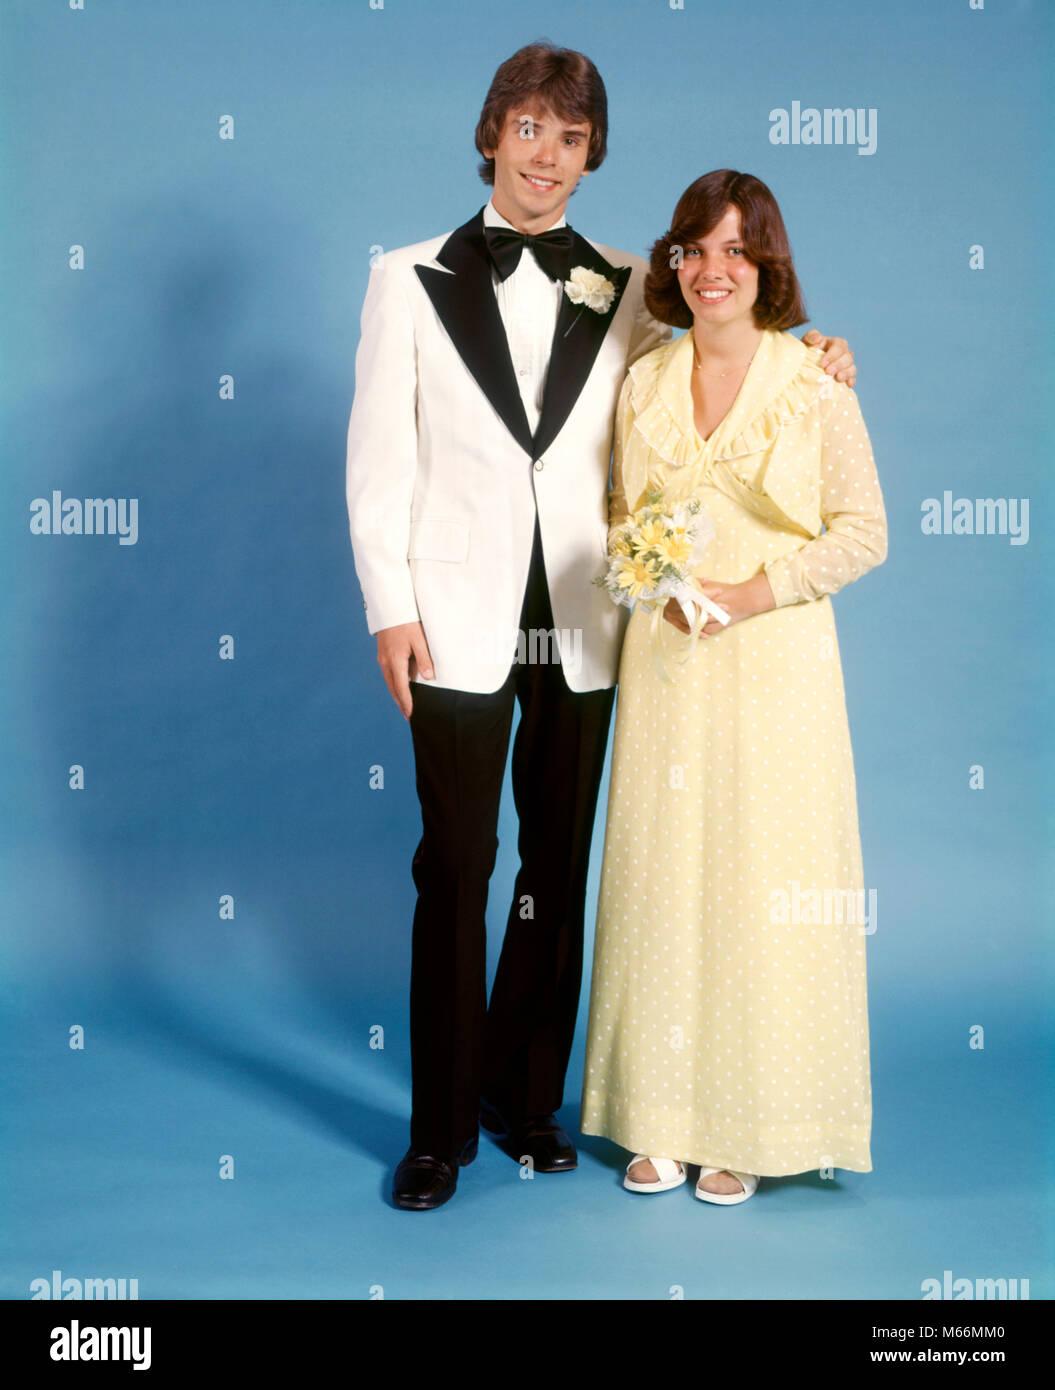 Generous Girl Tuxedo Prom Contemporary - Wedding Ideas - memiocall.com